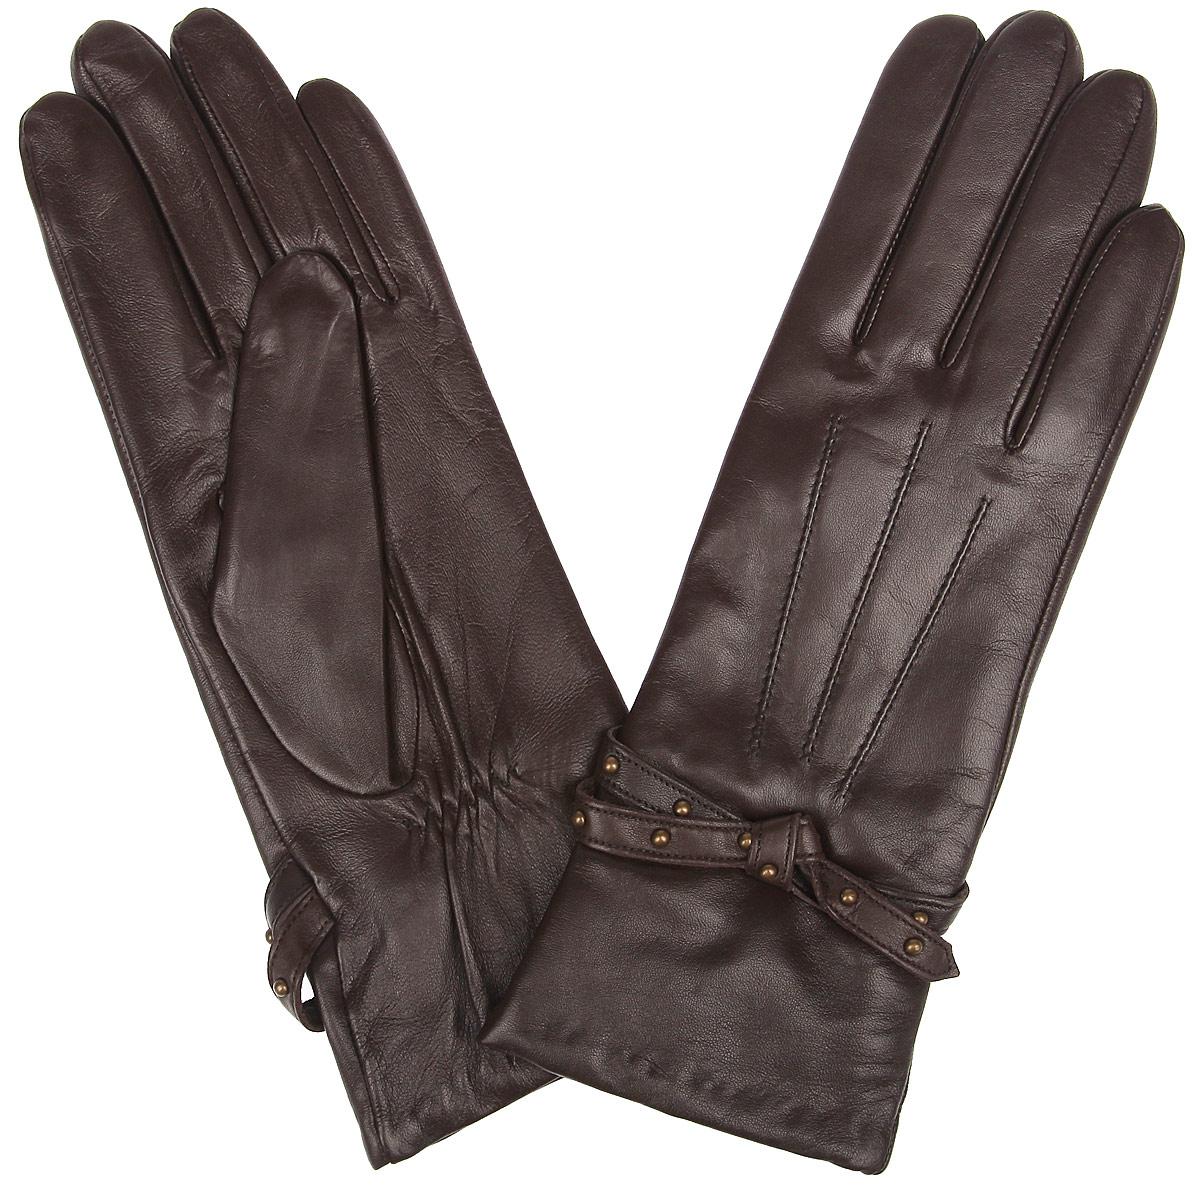 Перчатки12.13-2 chocolatЖенские перчатки Fabretti не только защитят ваши руки от холода, но и станут стильным украшением. Перчатки выполнены из натуральной кожи. Они мягкие, максимально сохраняют тепло, идеально сидят на руке. Подкладка изделия изготовлена из шерсти с добавлением кашемира. Лицевая часть модели обработана машинной отстрочкой - три луча и украшена кожаным ремешком с металлическими клепками. Перчатки являются неотъемлемой принадлежностью одежды, они идеально подойдут к романтичному образу.